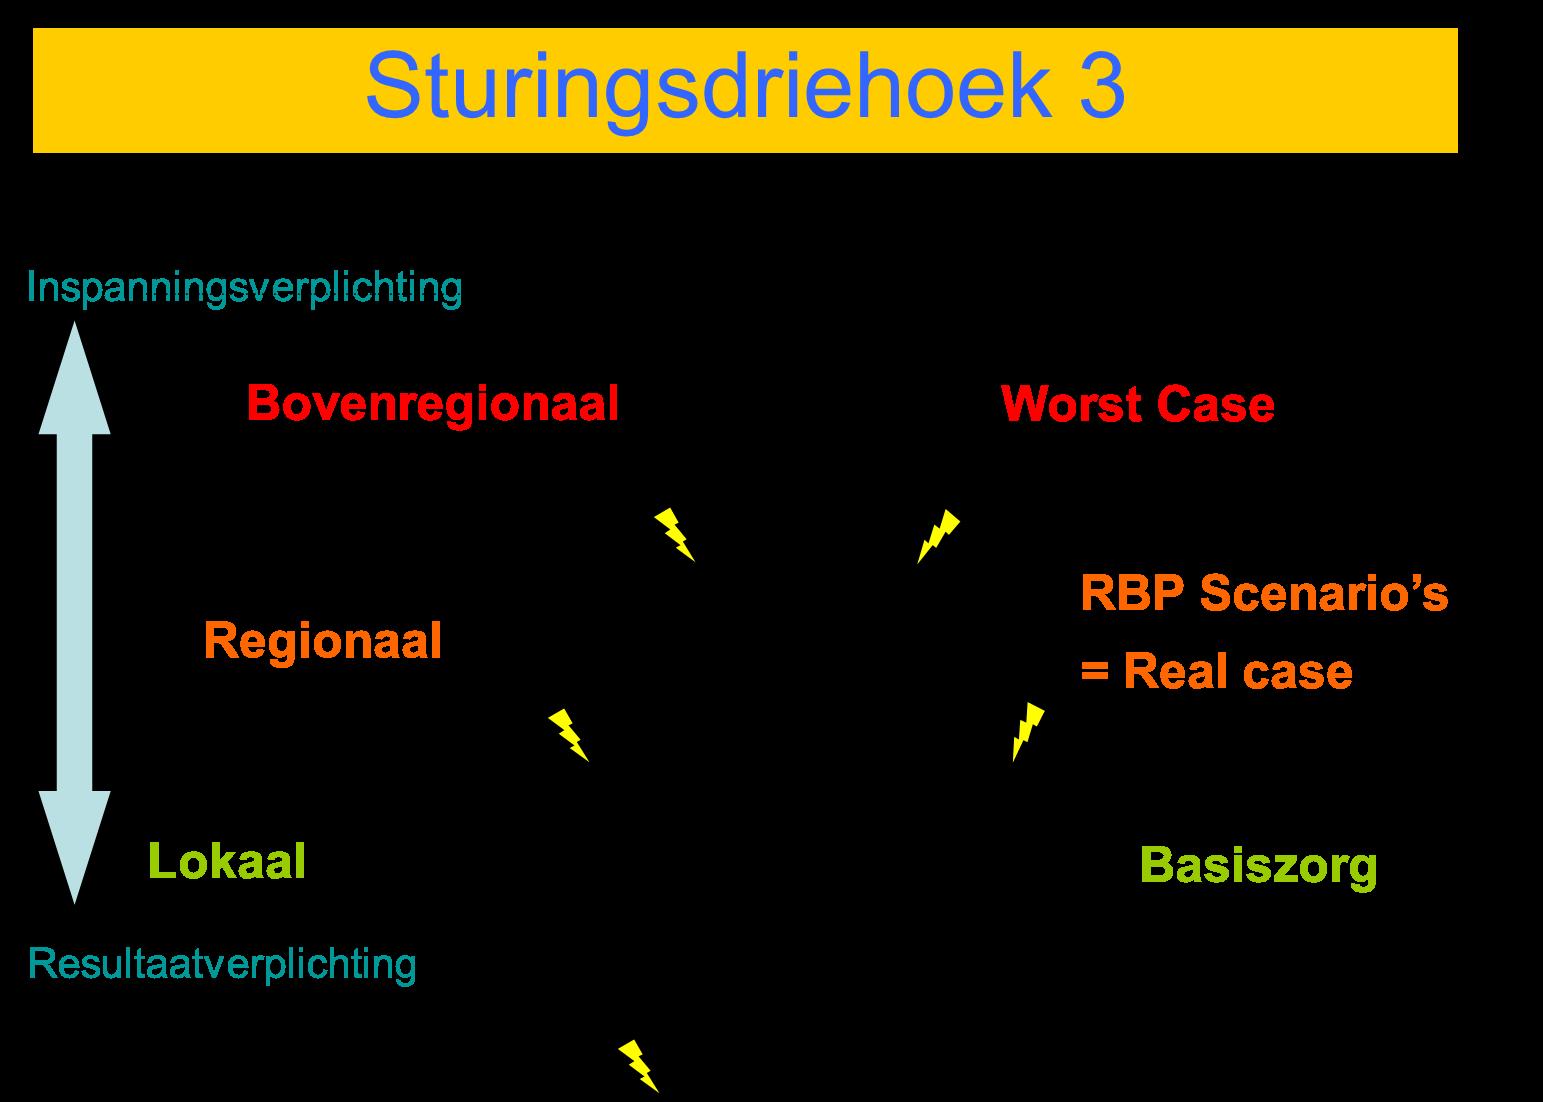 Sturingsdriehoek 3